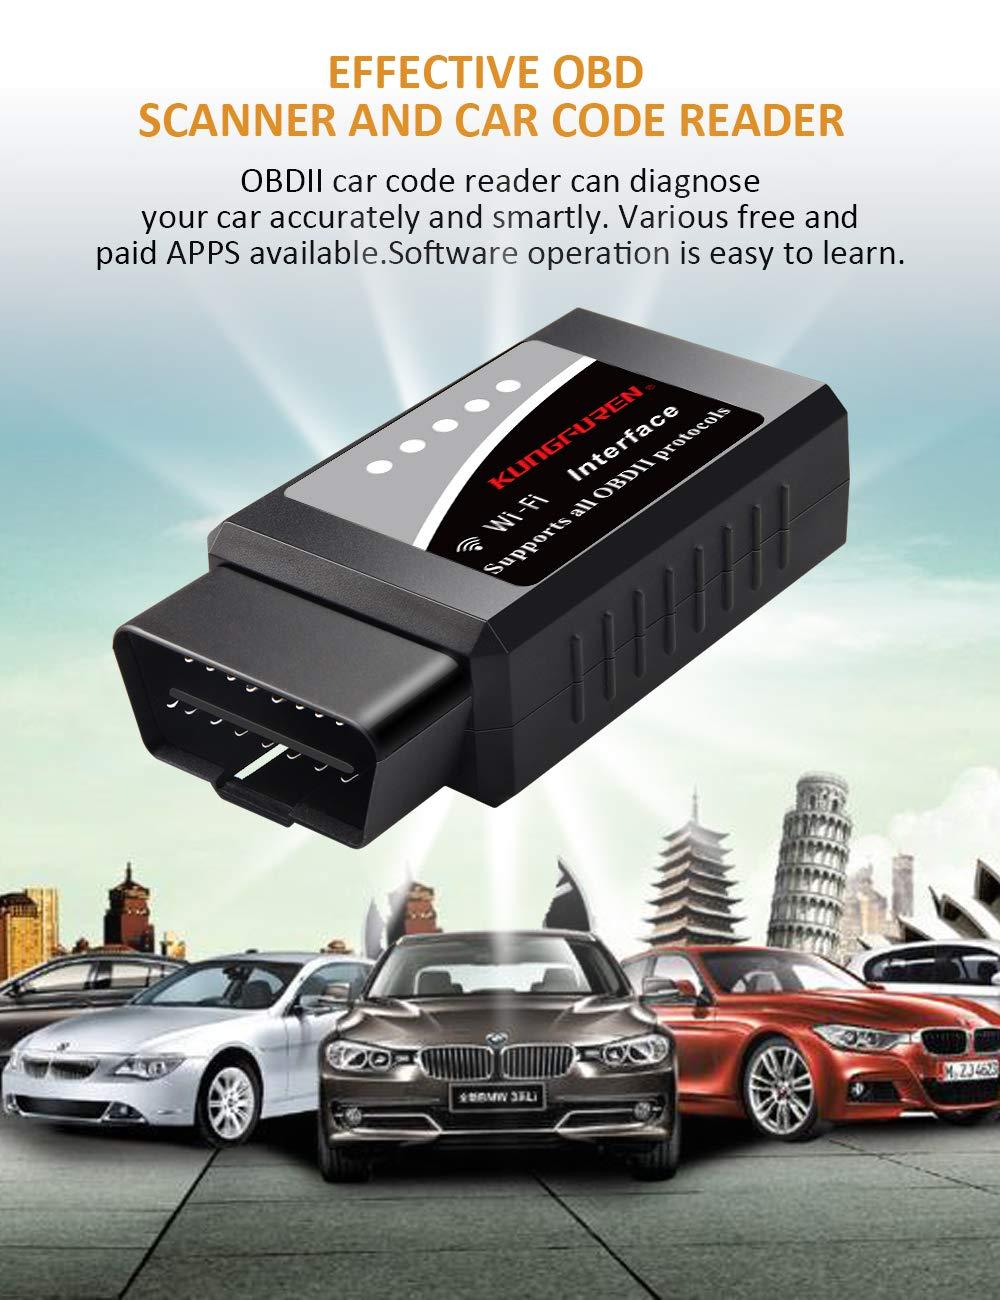 OBD lector de c/ódigo Android y dispositivos Windows SE conecta inal/ámbrico para coches kungfuren WiFi OBD2/esc/áner herramienta de diagn/óstico de coche compatible con iOS 2018/Upgraded